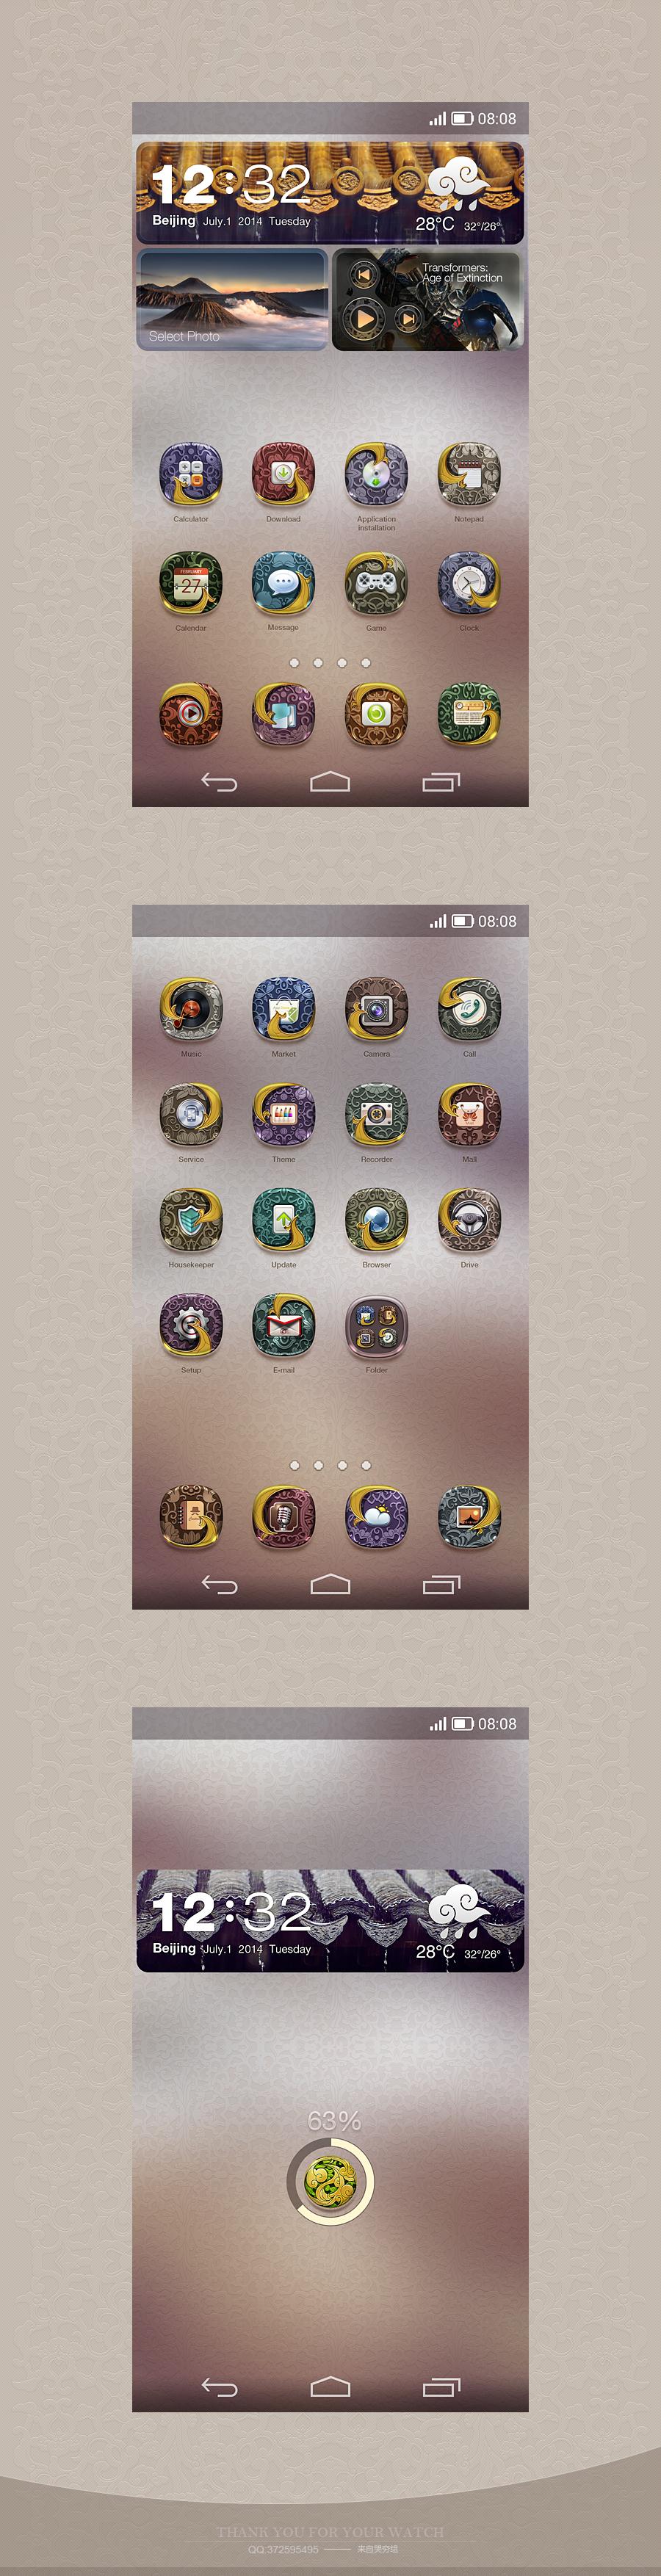 查看《《景泰凤呜》—UI作品》原图,原图尺寸:900x3508